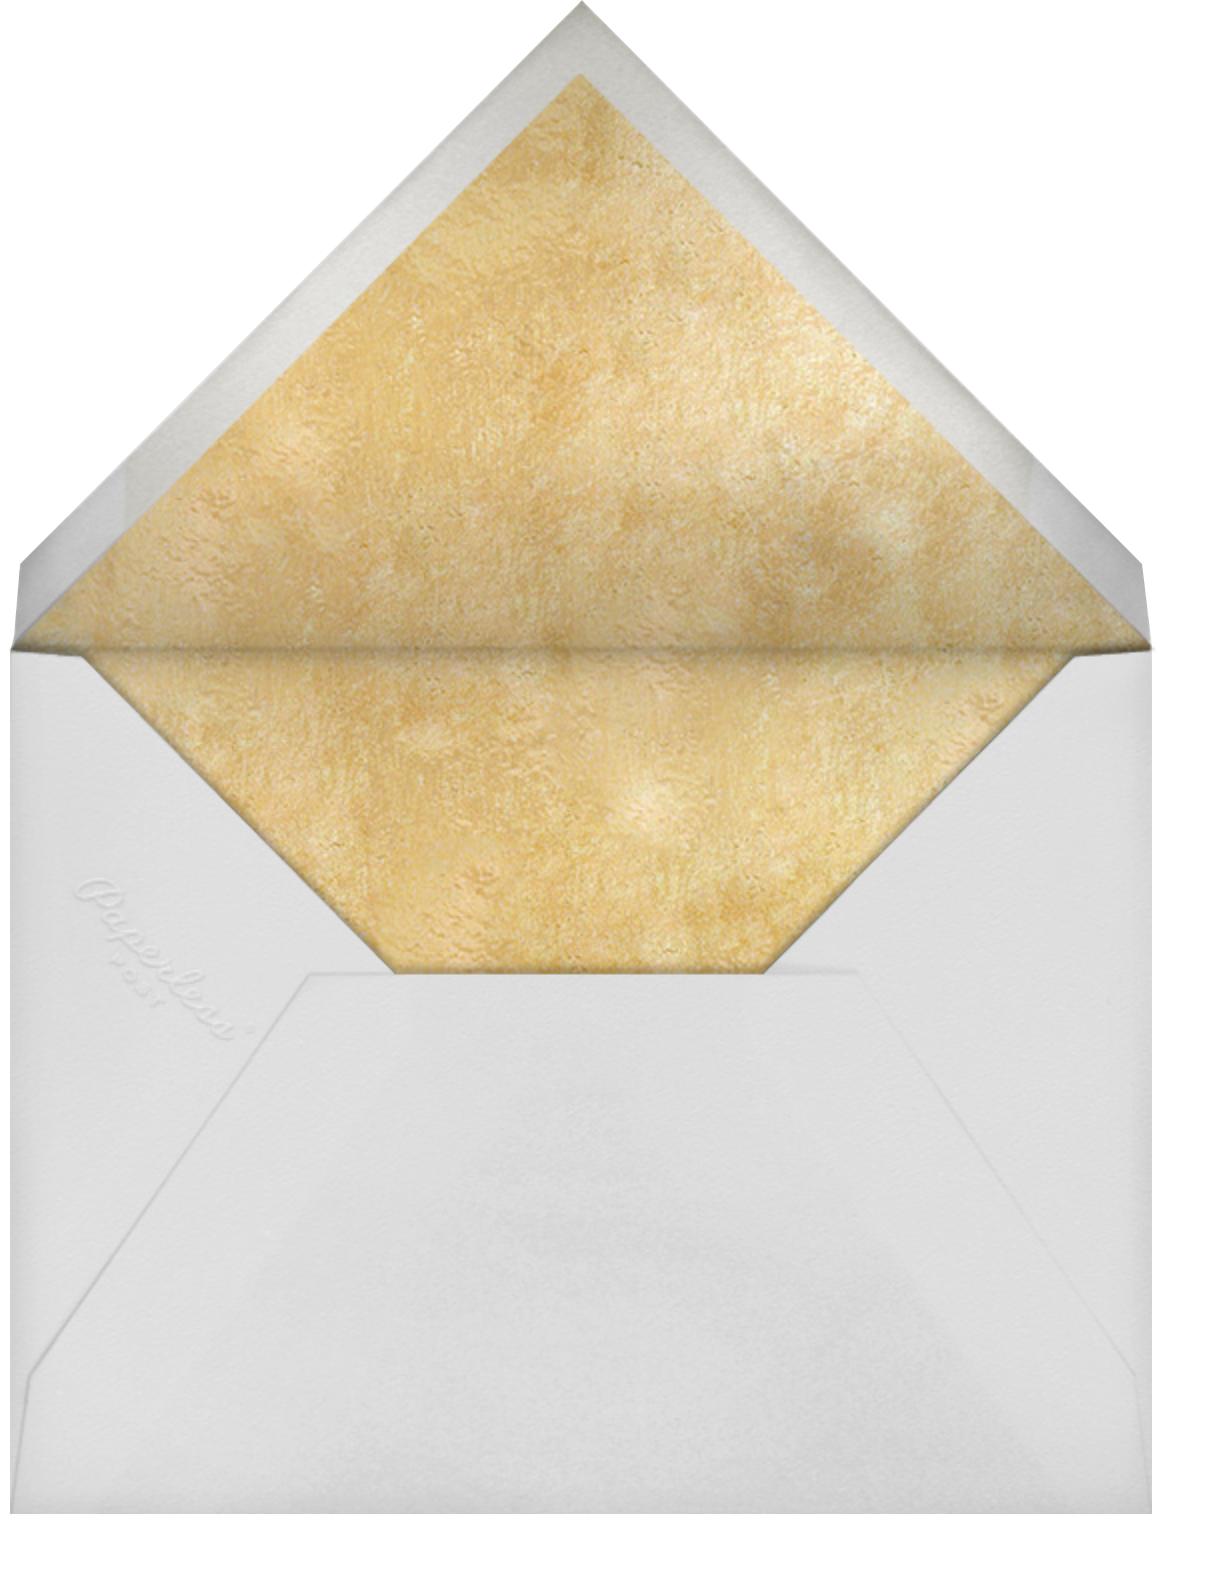 Geo - Gold Foil - Jonathan Adler - Rehearsal dinner - envelope back